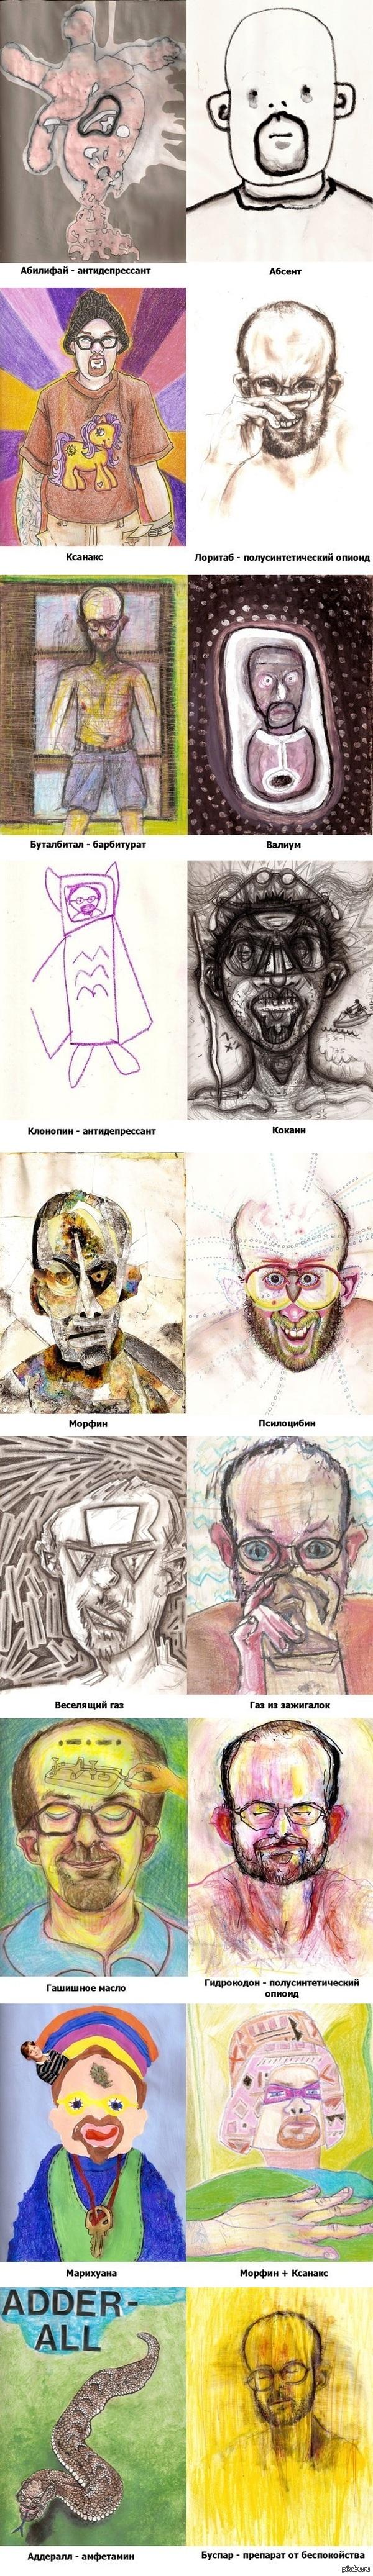 Автопортреты художника под разными видами наркотиков. В 2001 году Брайан Льюис Сандерс начал эксперимент — художник принимает тот или иной наркотик, и под его воздействием рисует себя.